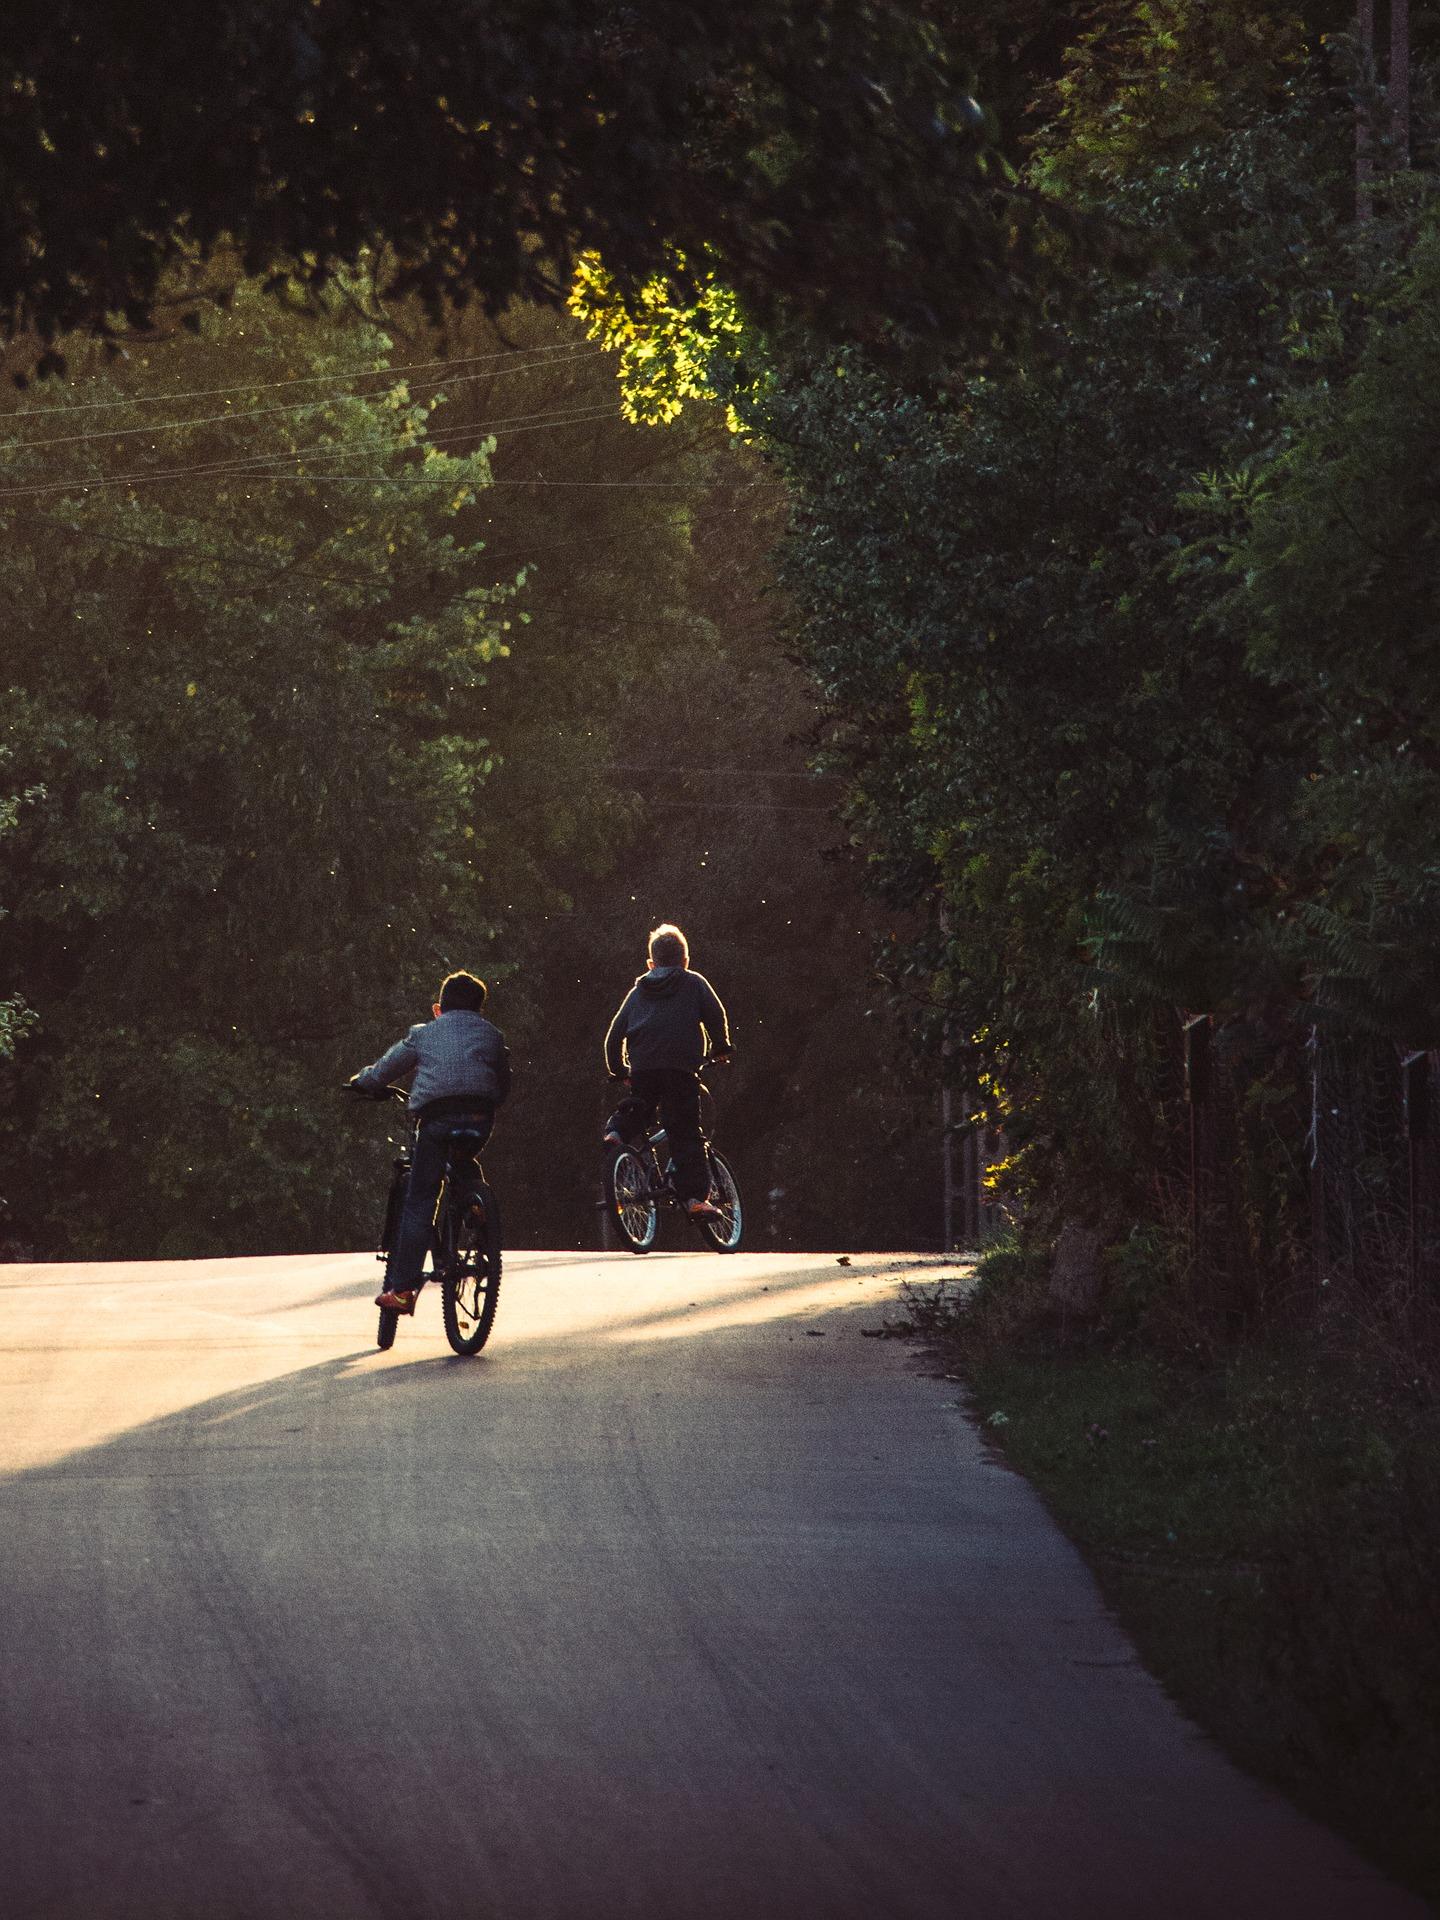 bikes-2619653_1920